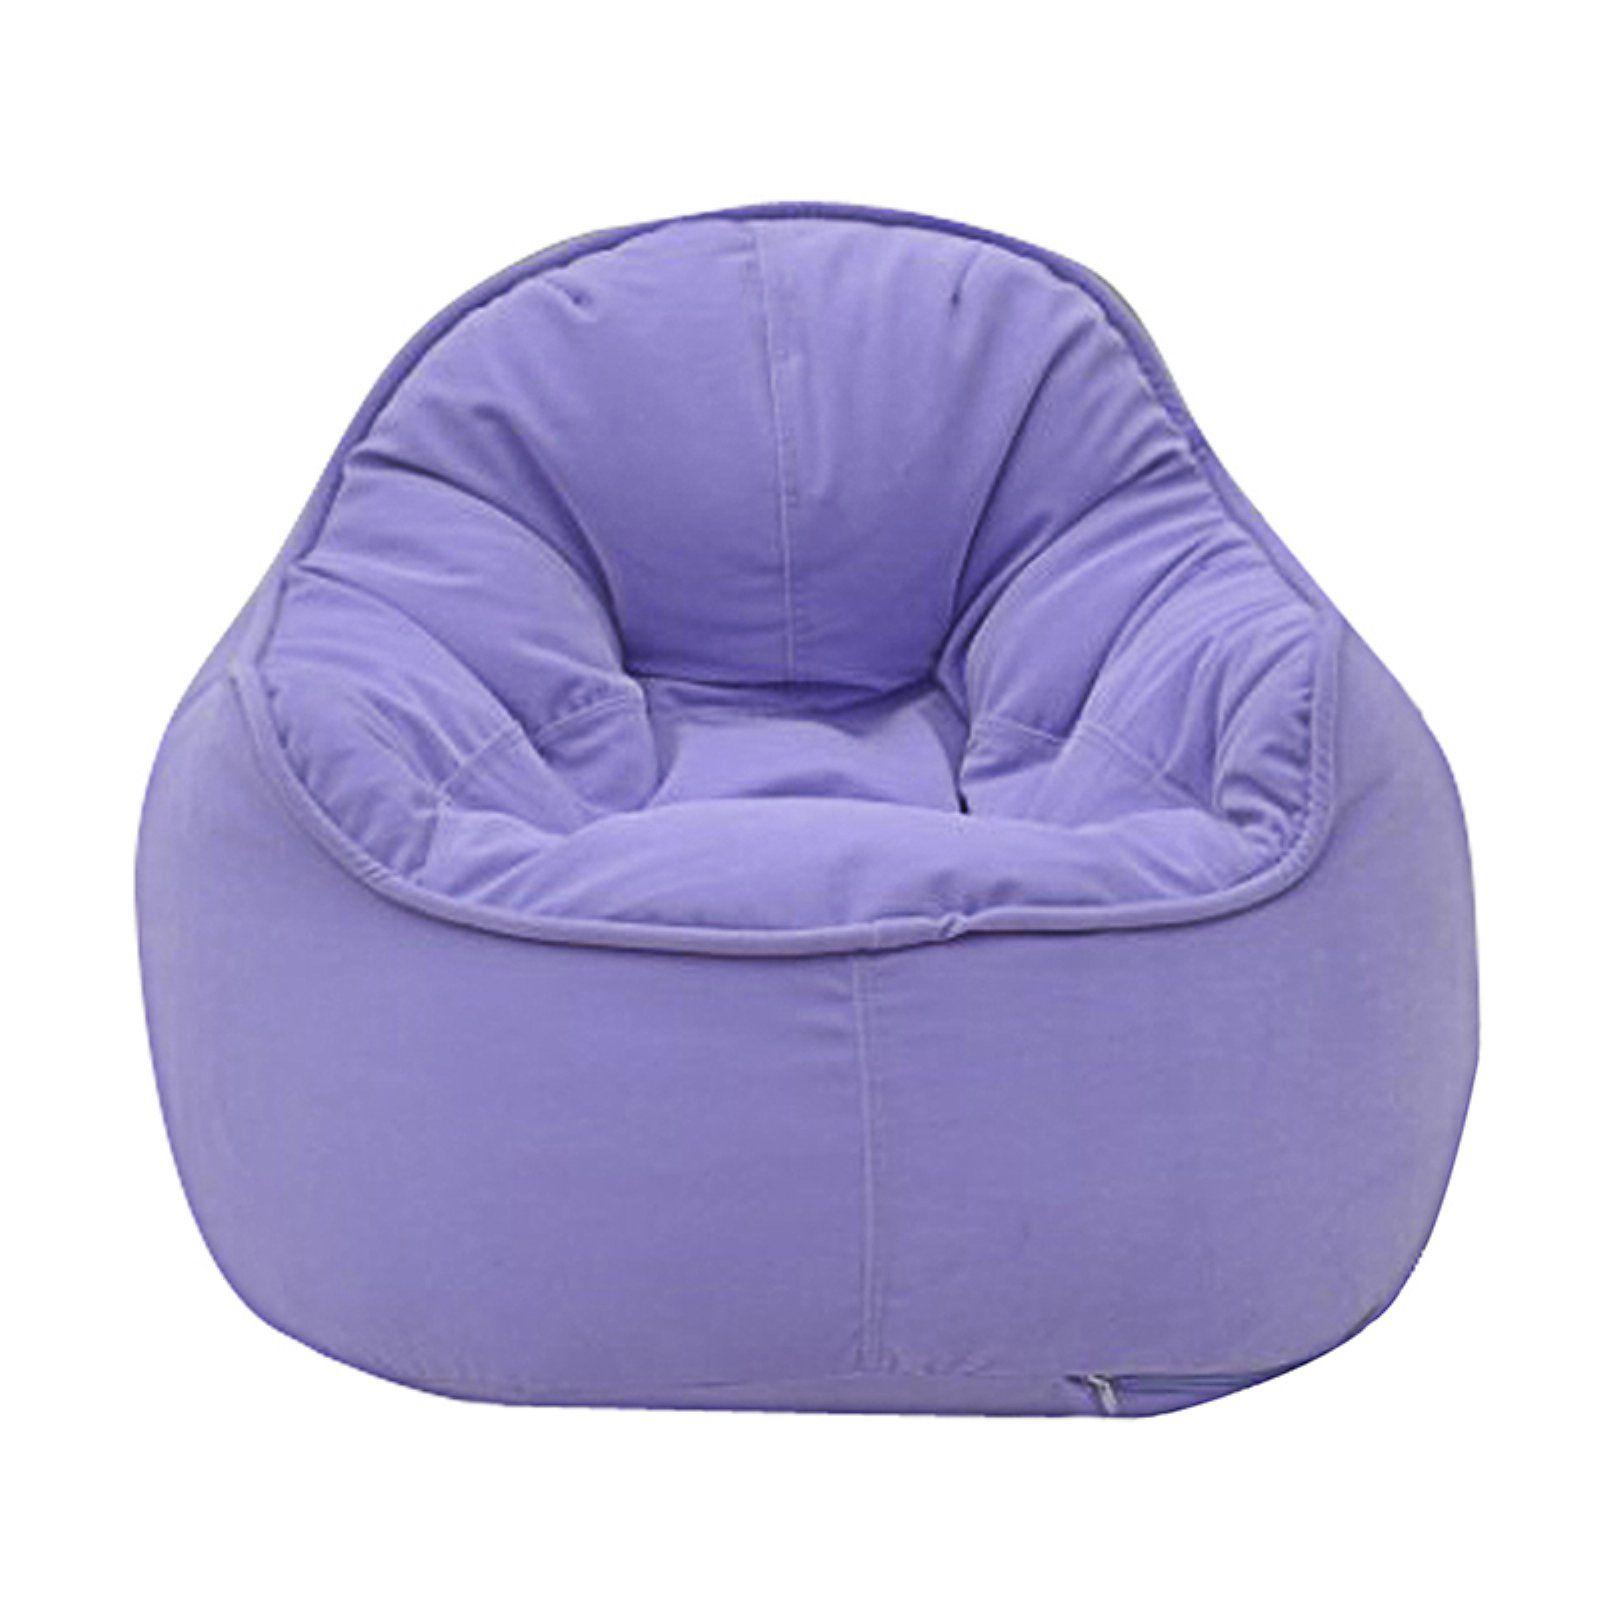 Surprising Modern Bean Bag Mini Me Pod Small Bean Bag Chair Cotton Machost Co Dining Chair Design Ideas Machostcouk